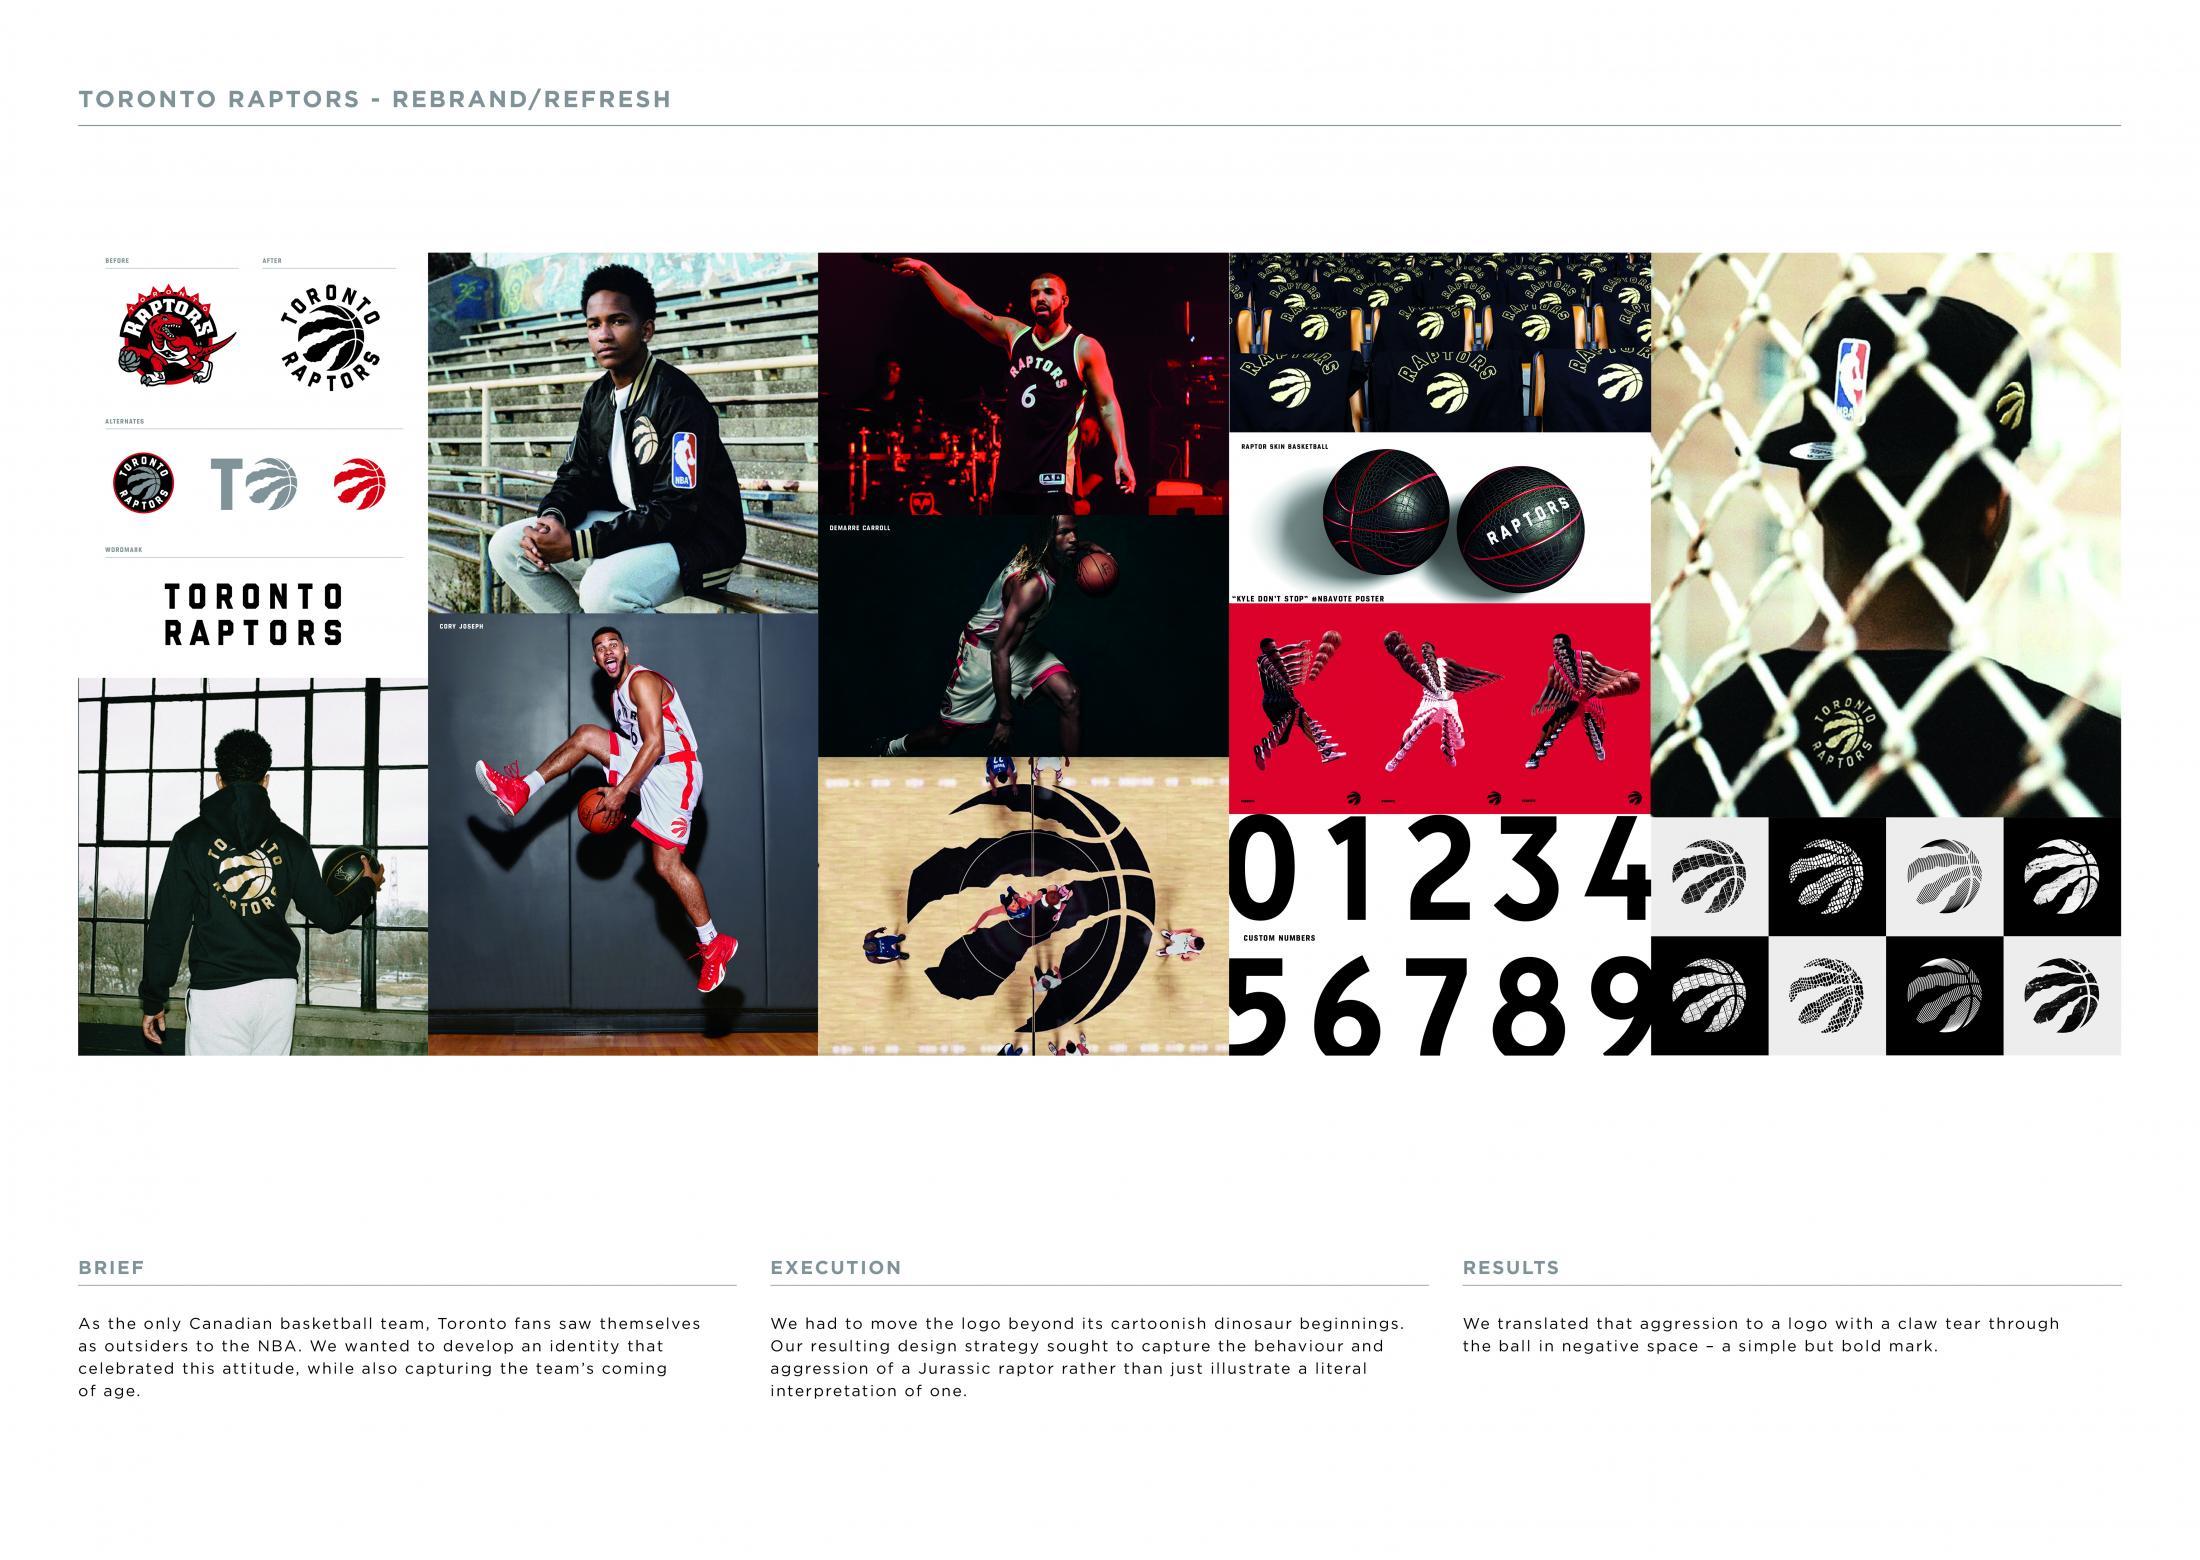 Thumbnail for Toronto Raptors Rebrand